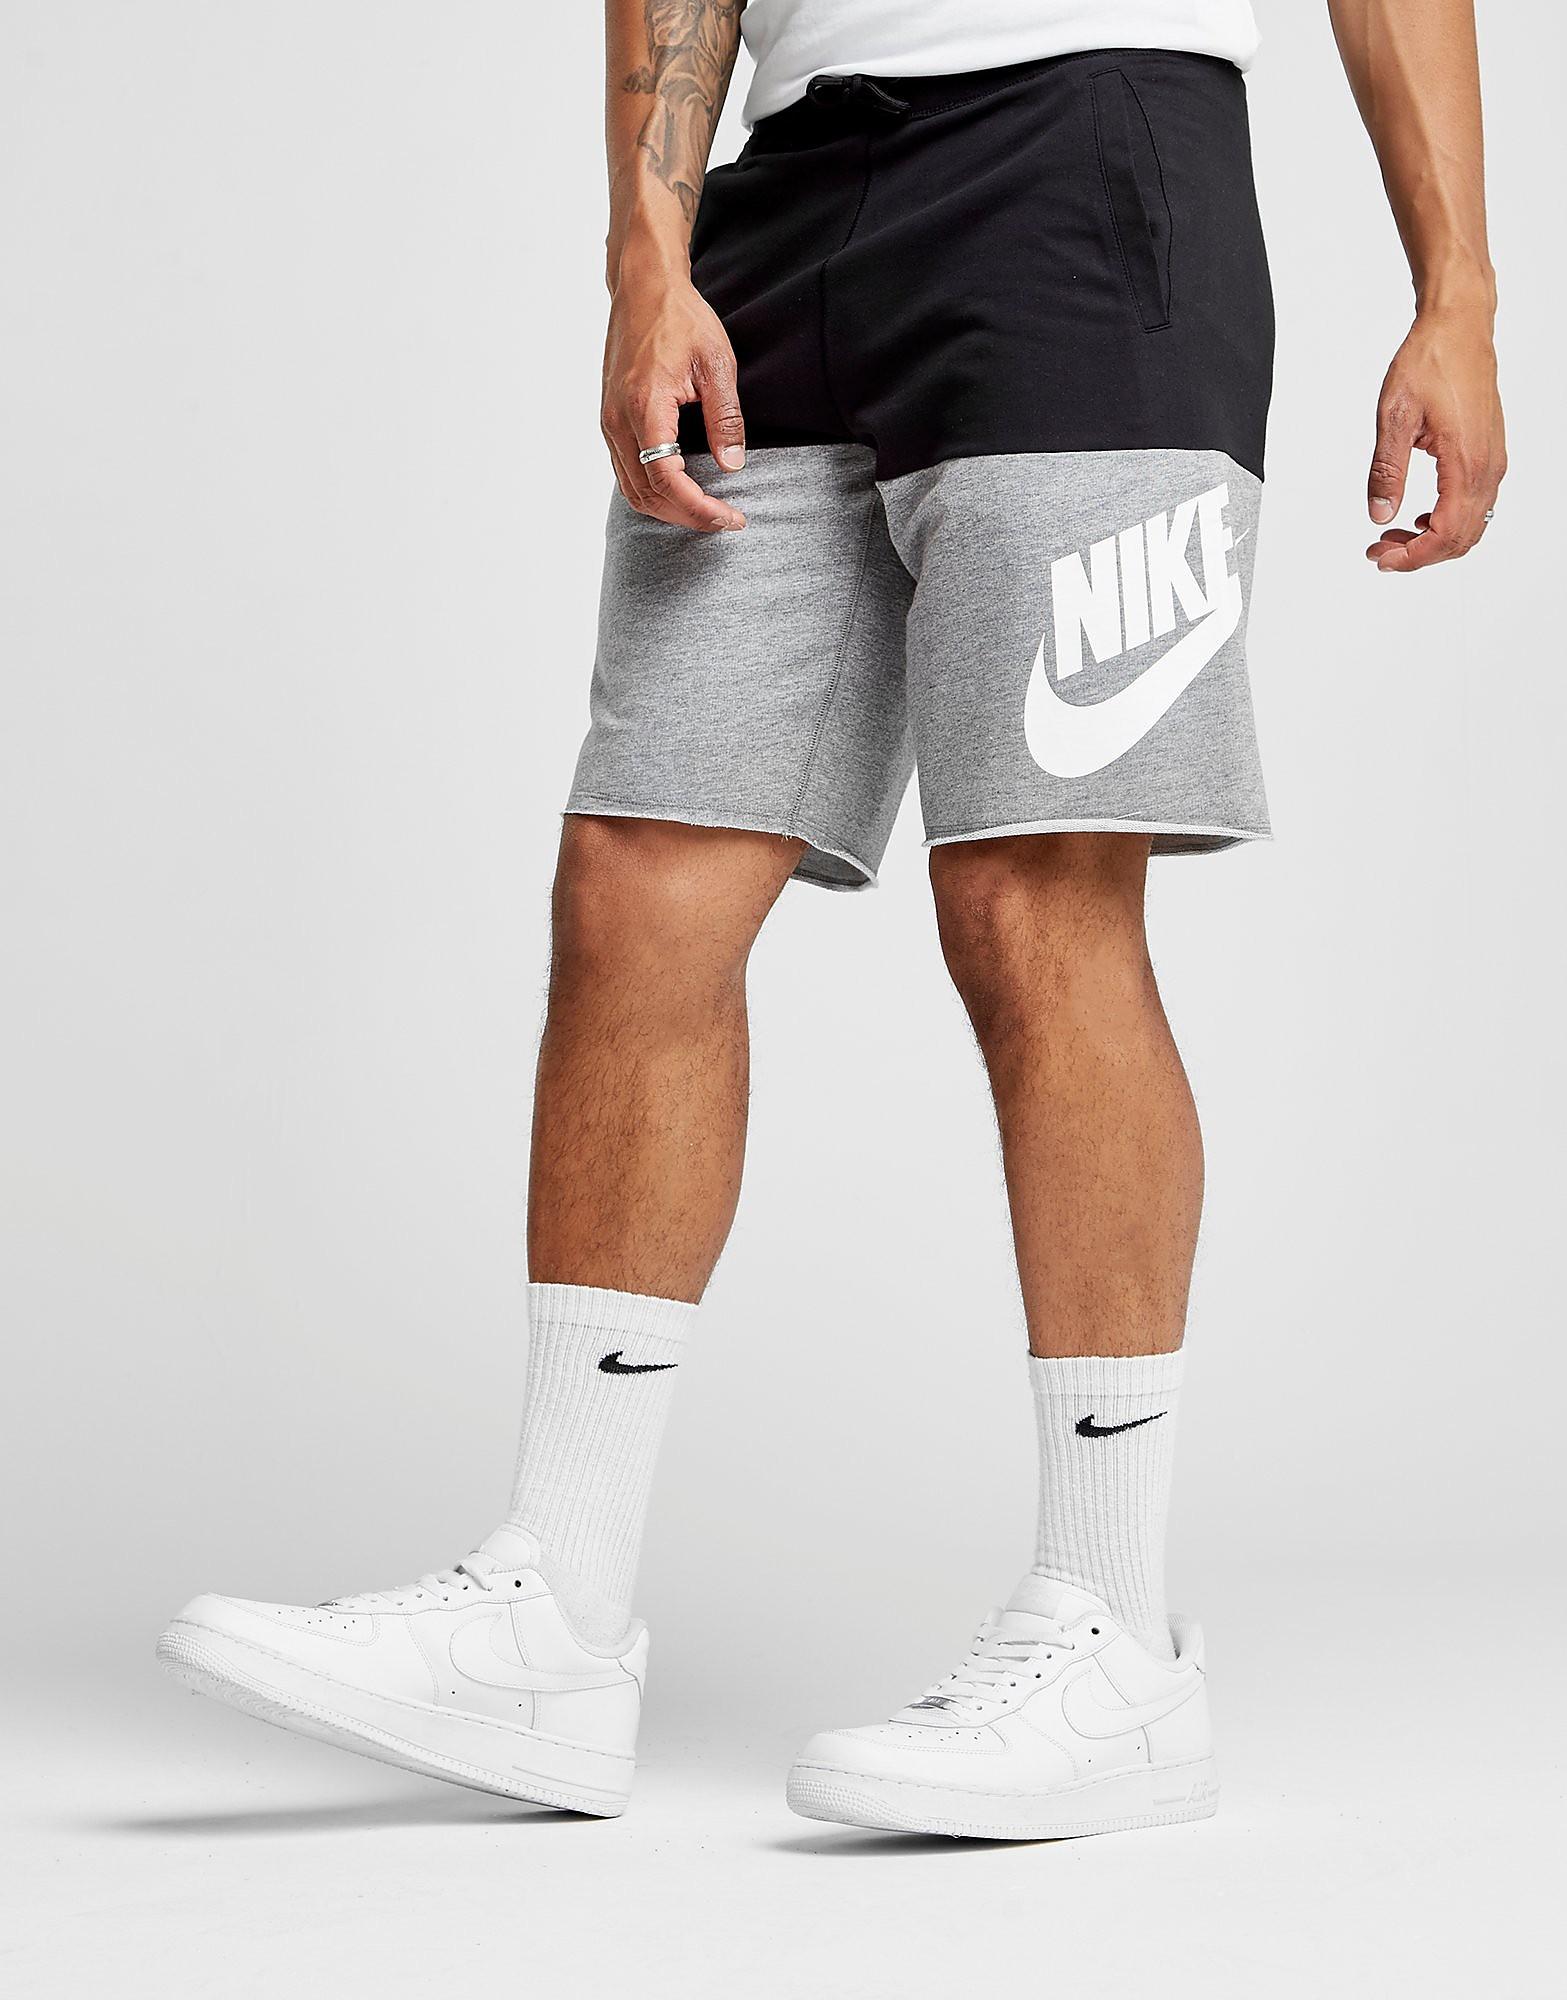 Nike Alumni Colour Block Shorts